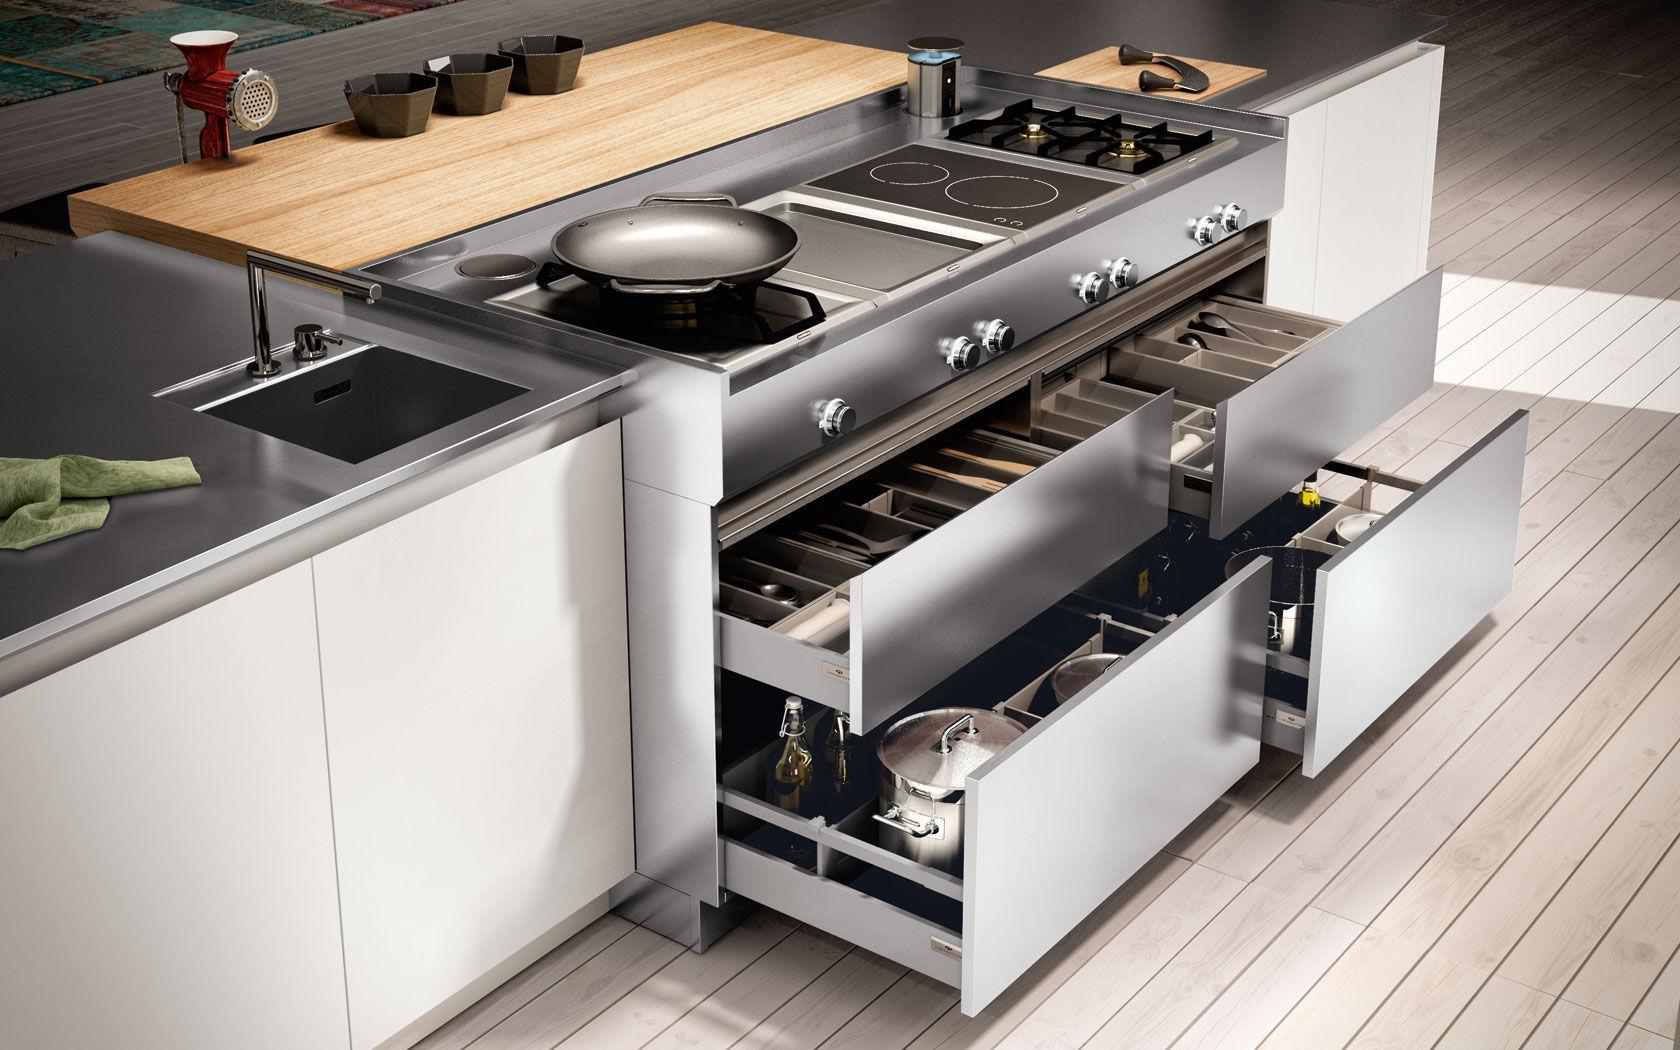 tiroir pour cuisine - ambra - lineaquattro